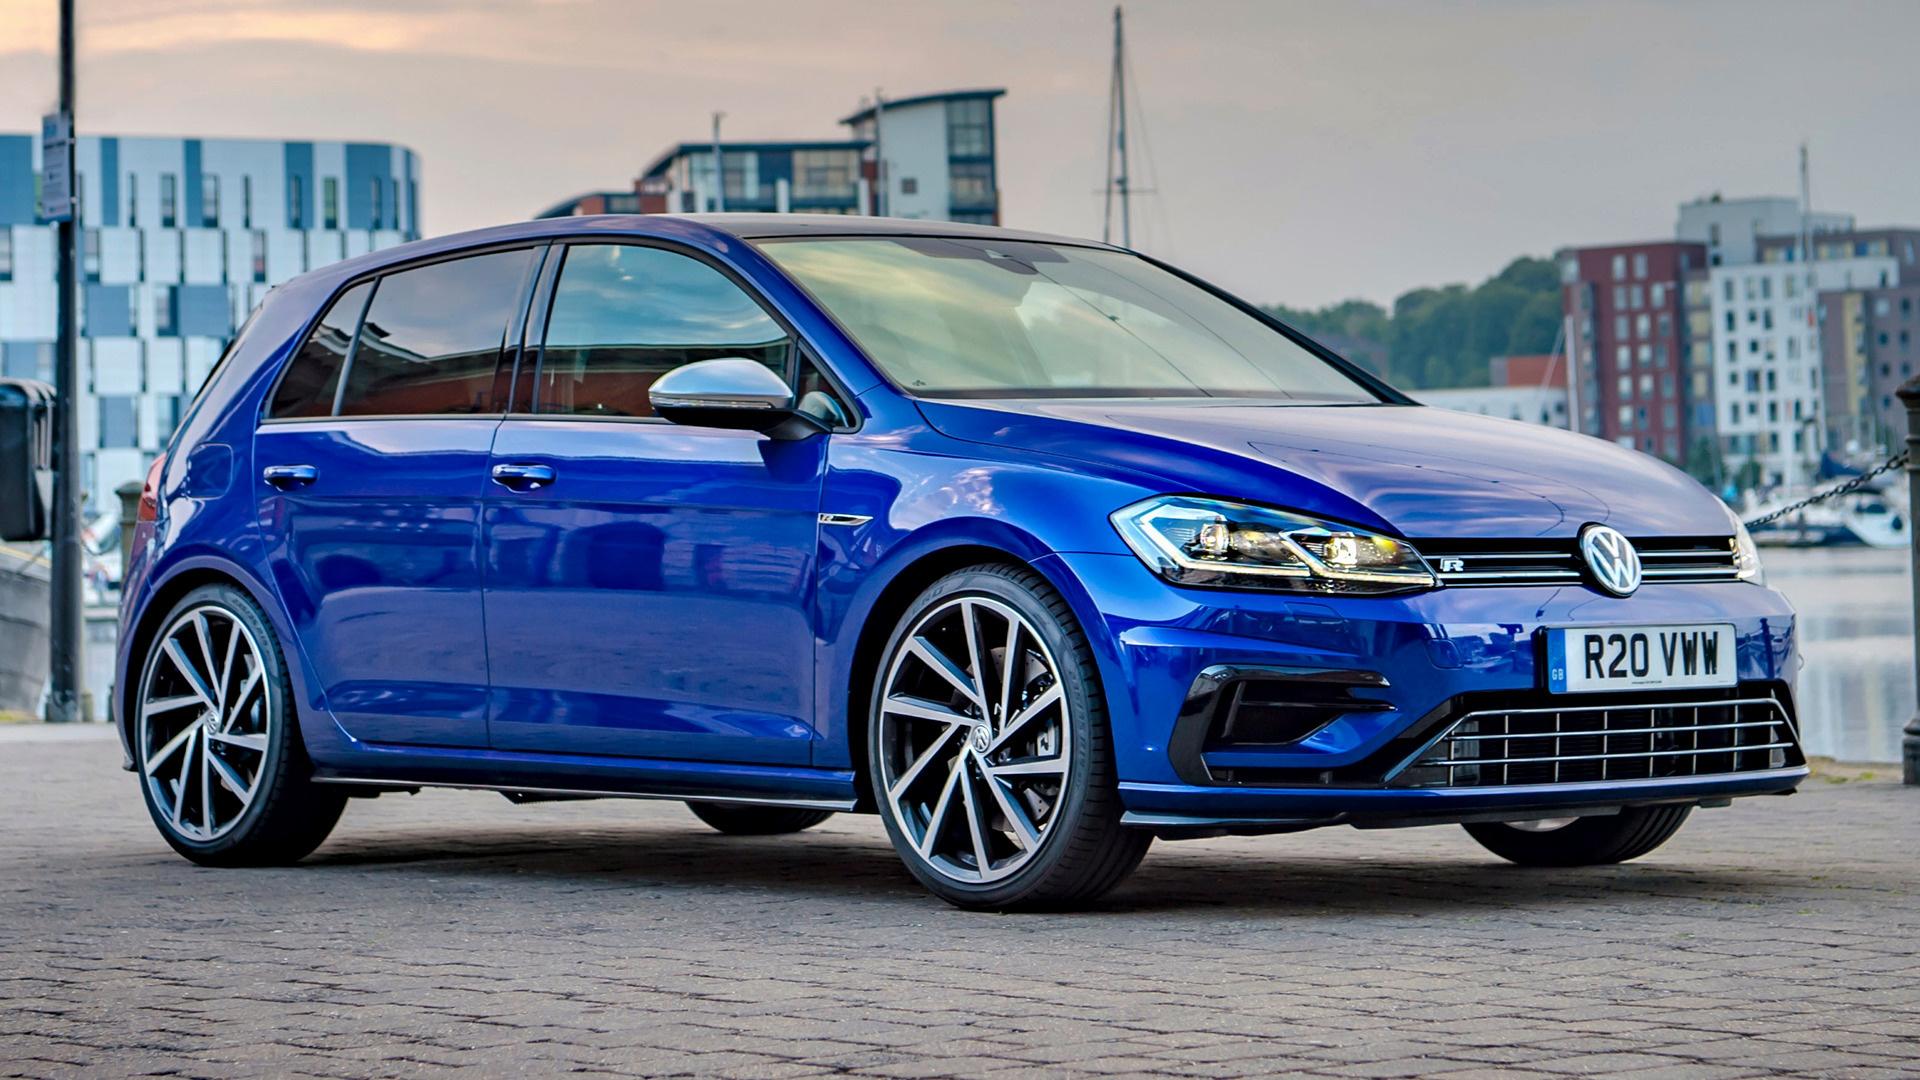 2018 Volkswagen Golf R Performance Pack 5 Door Uk